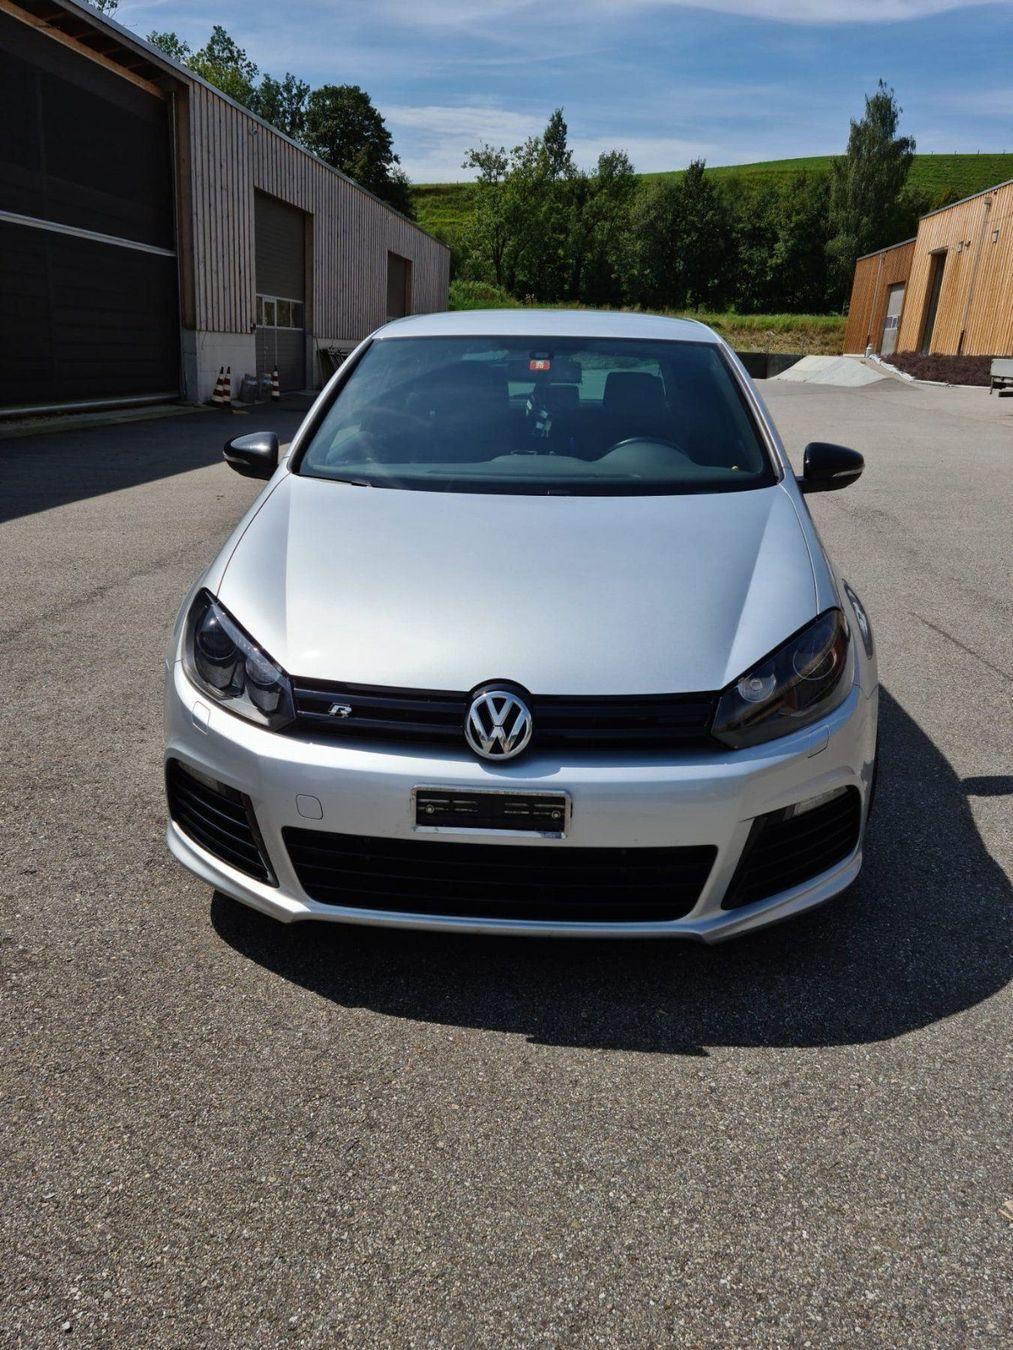 VW Golf VI 2.0 TSI R 4motion